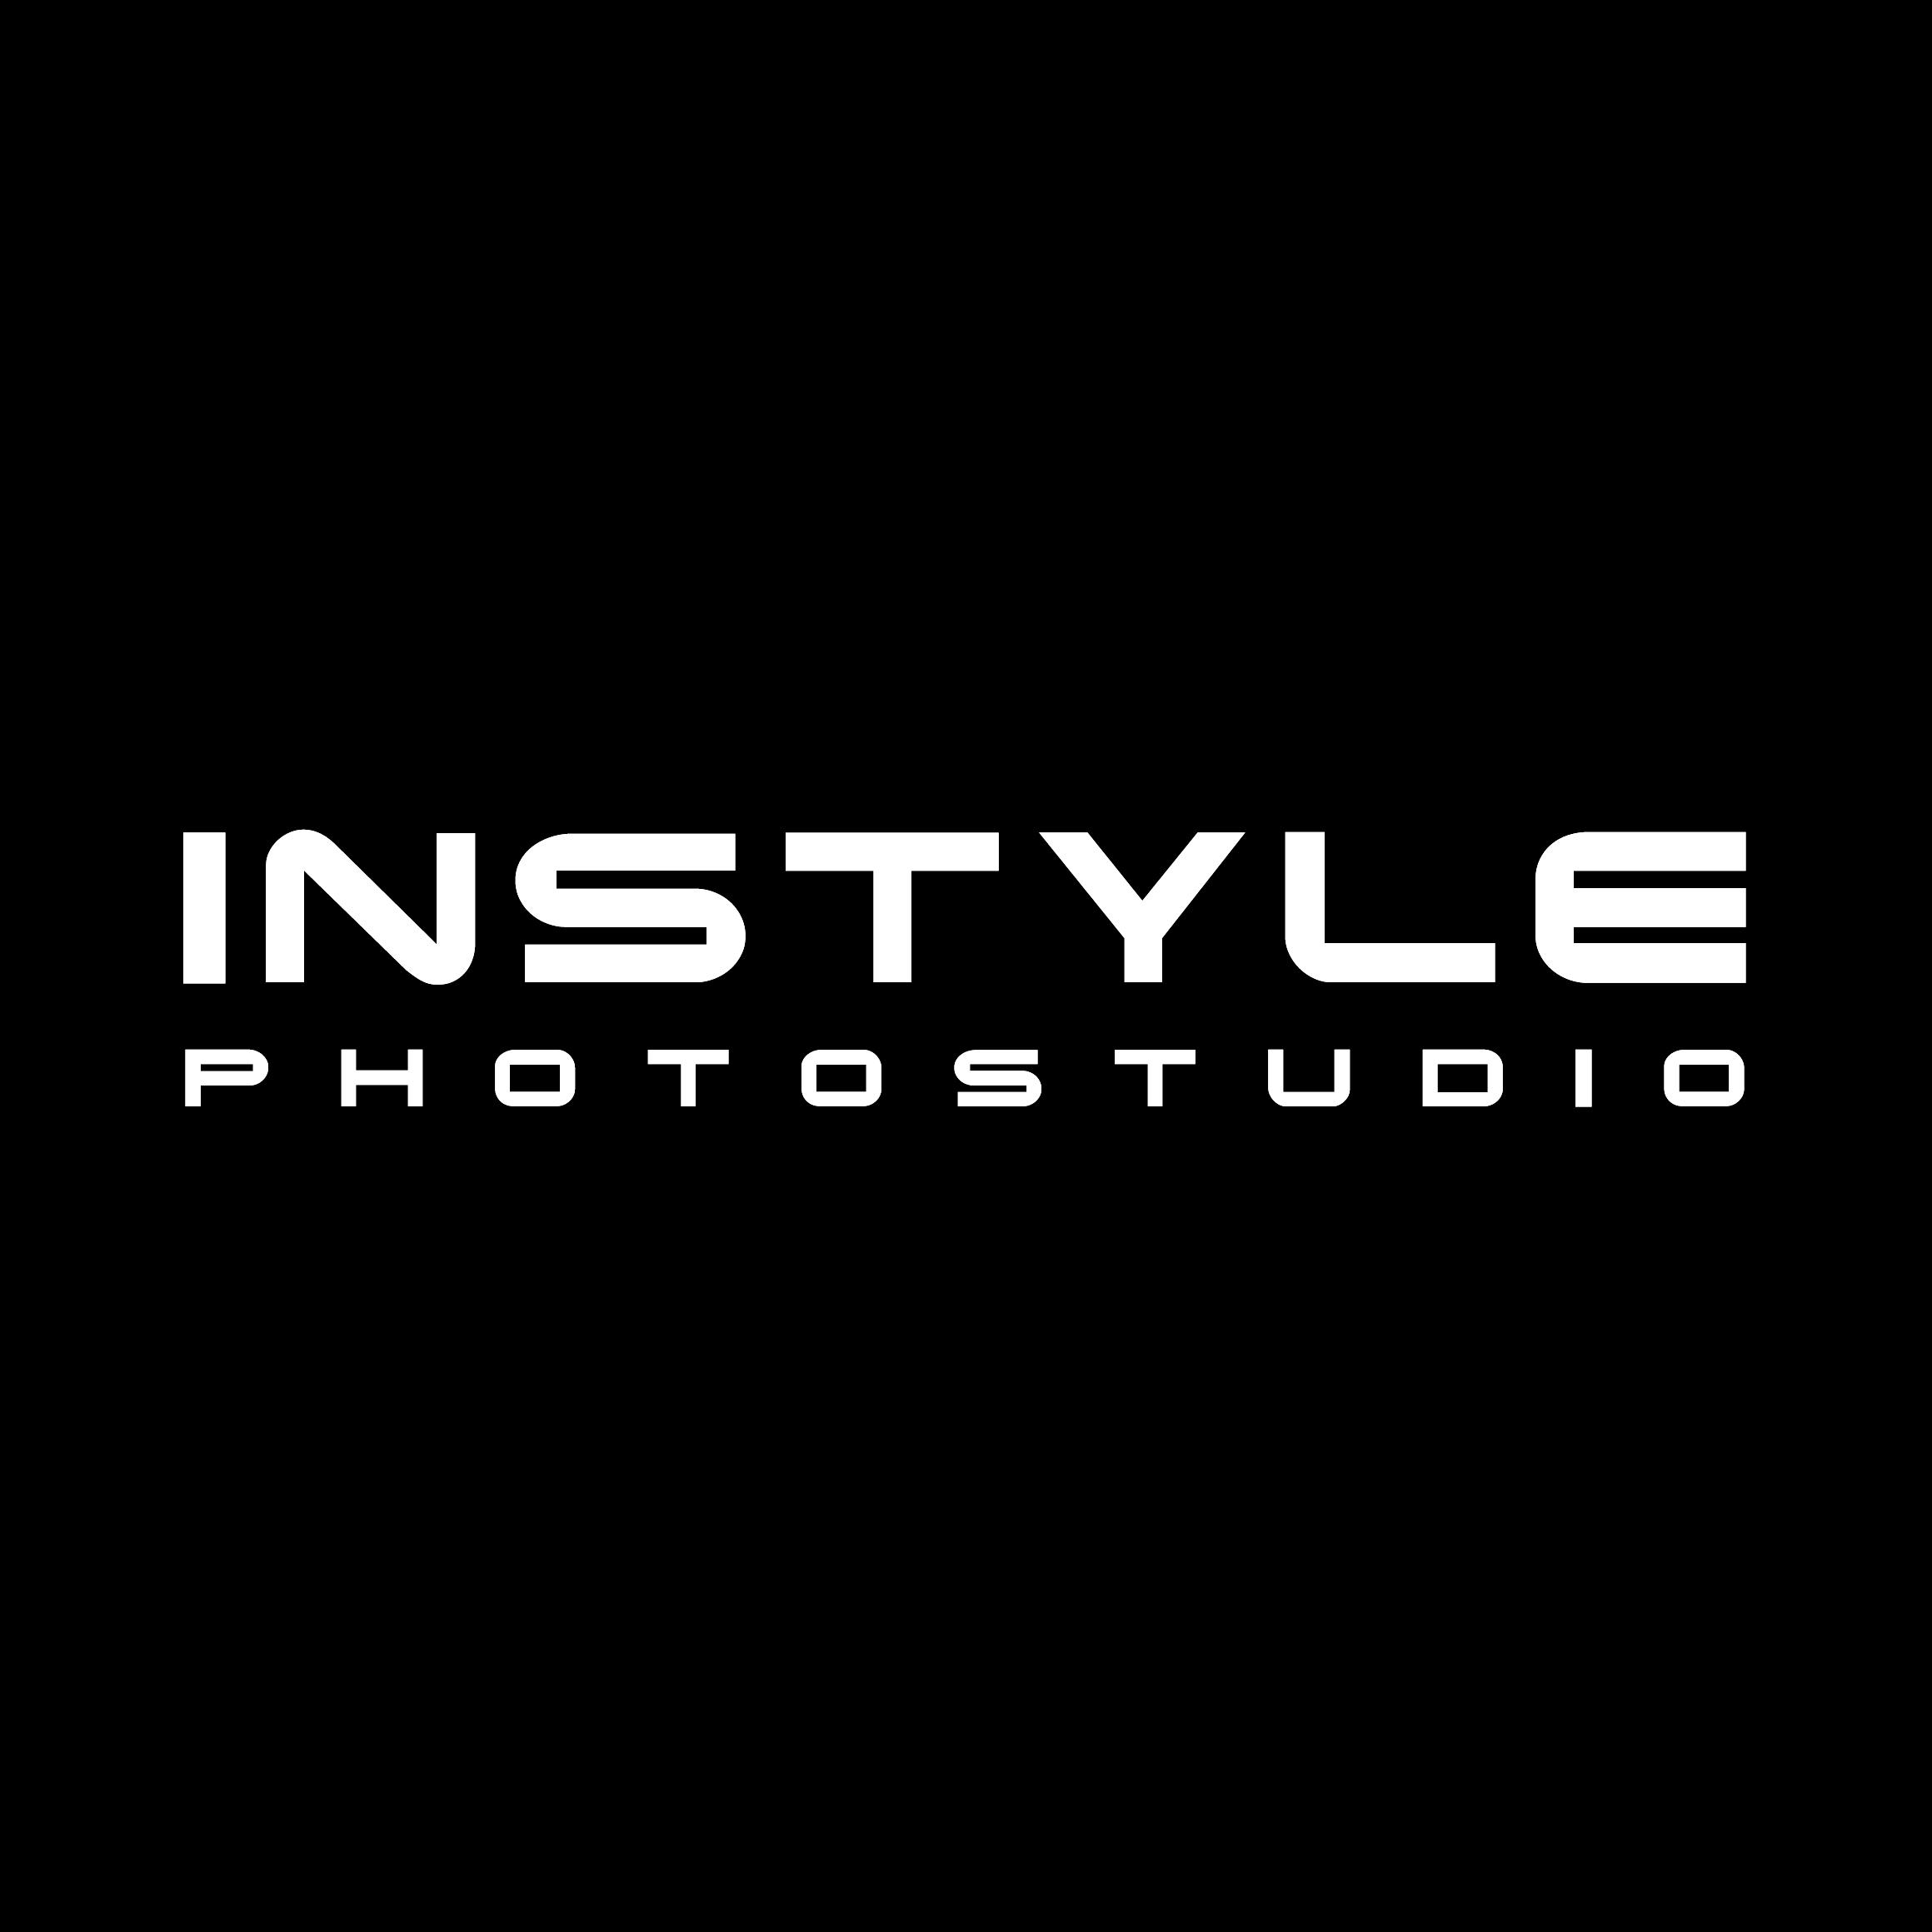 Инстайл фотостудия спб отзывы